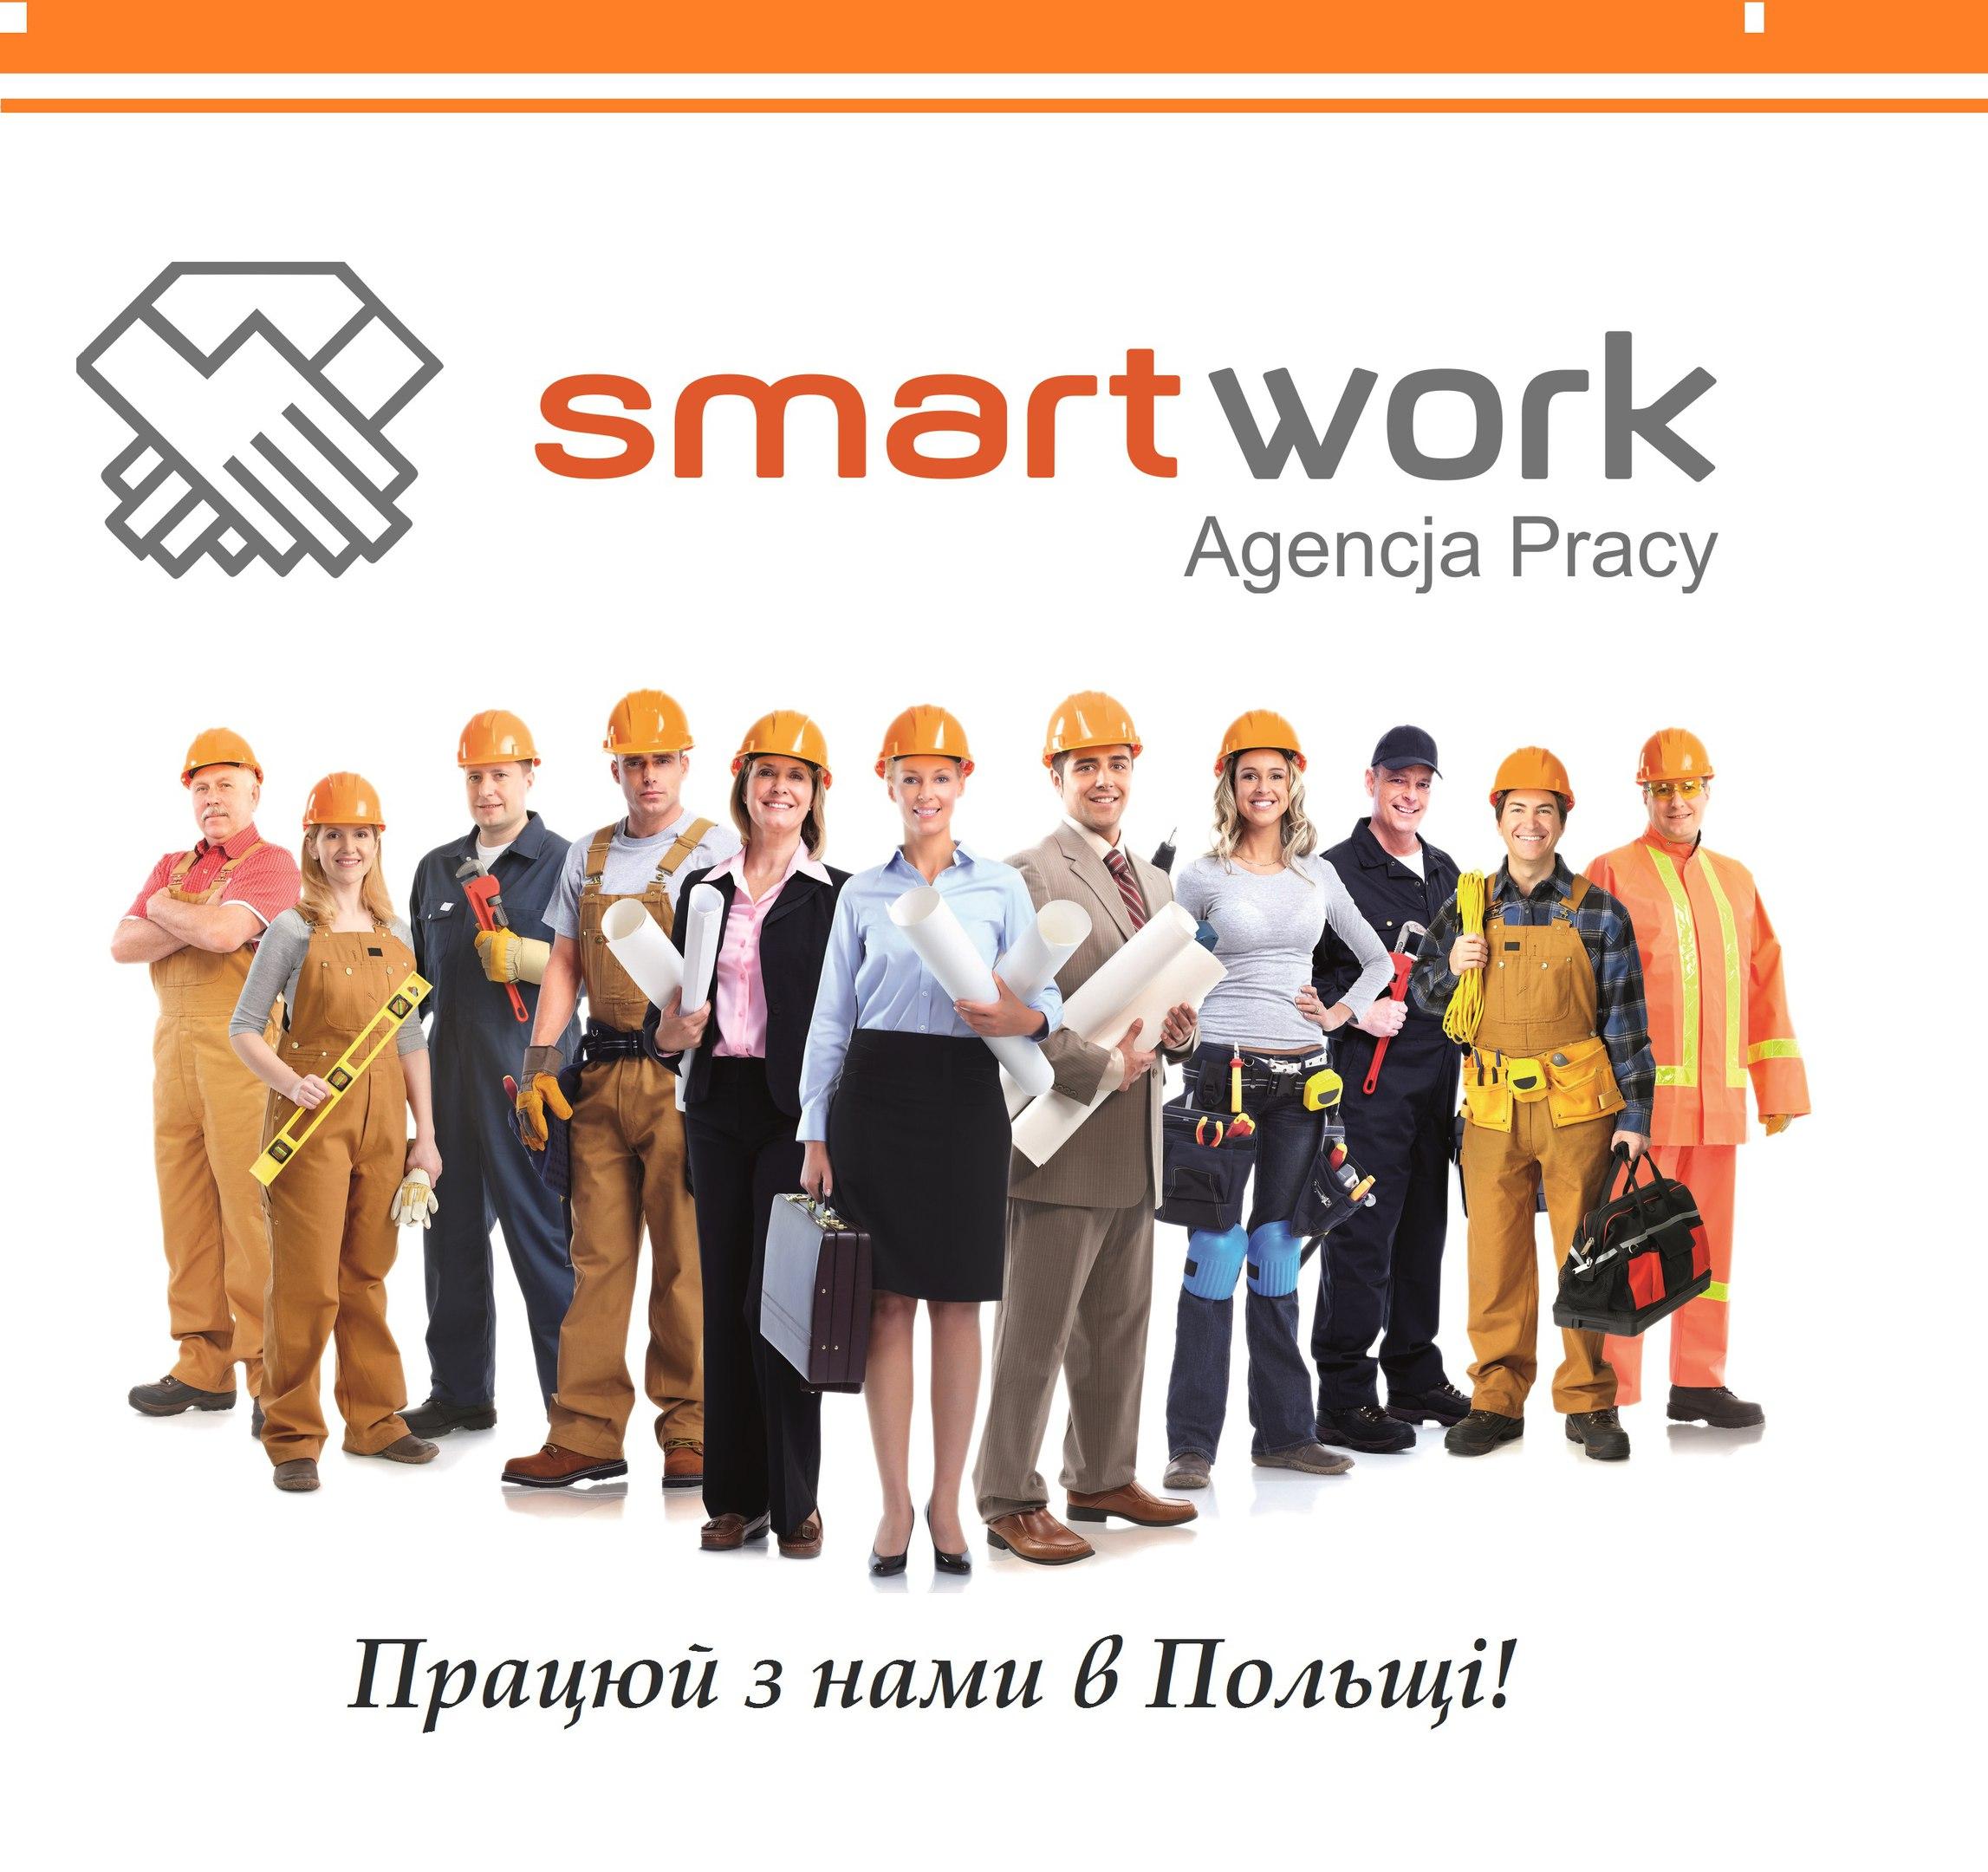 Економічний прорив українців у Польщі